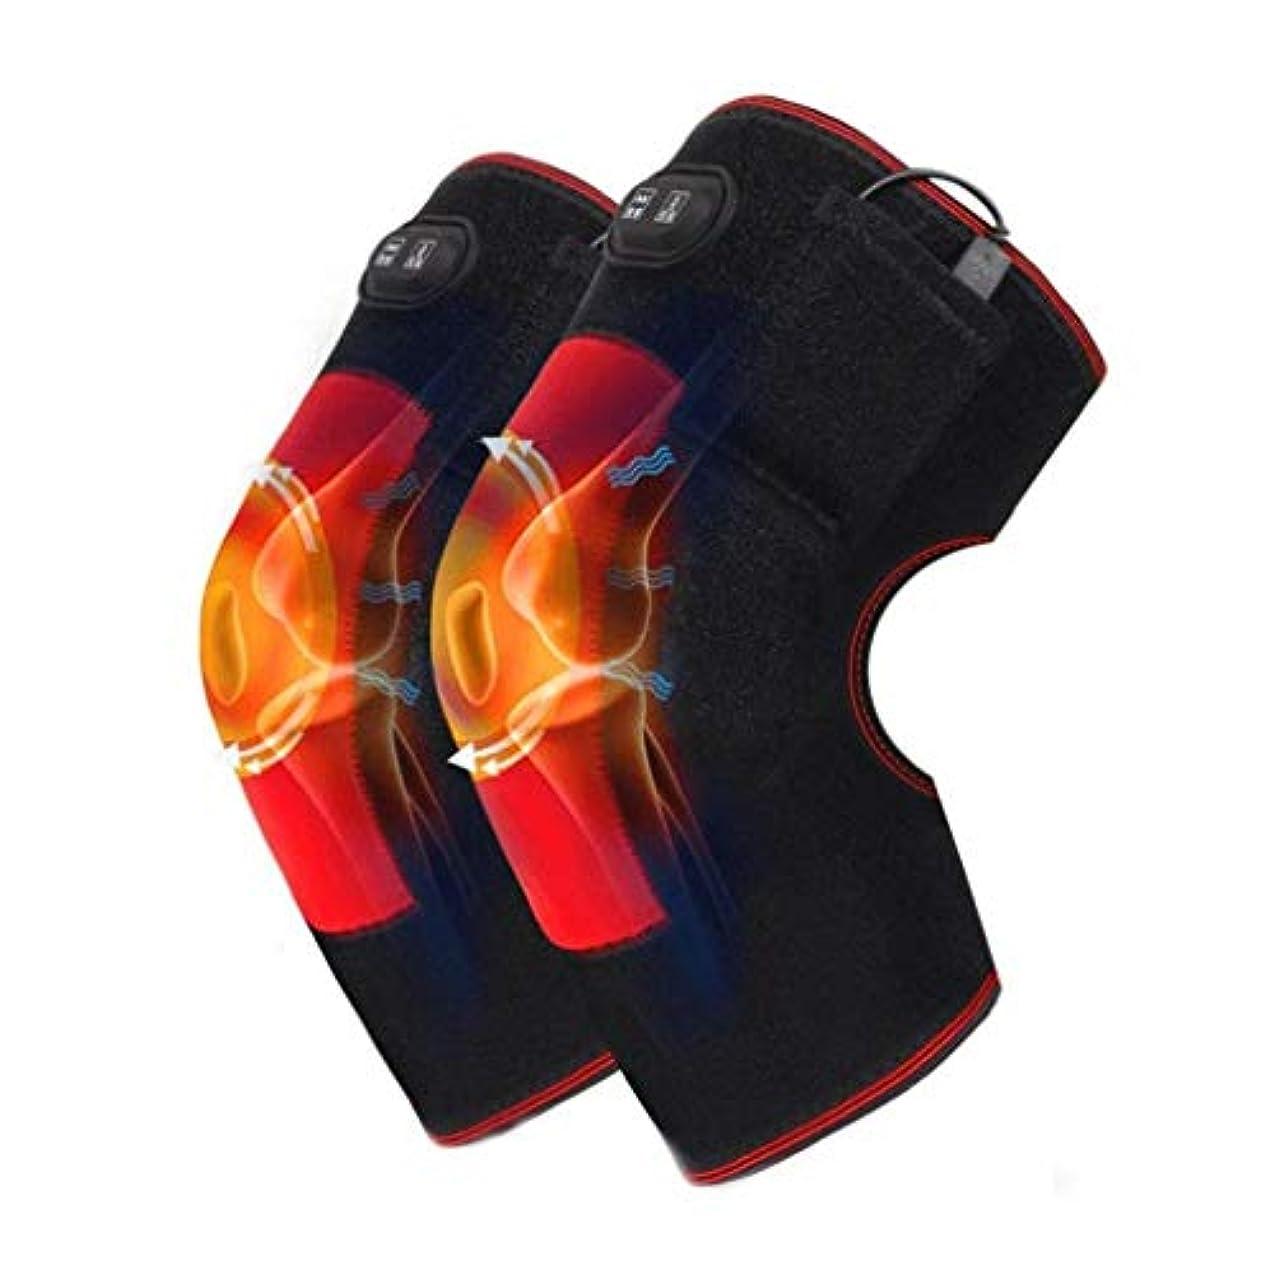 ルーチン外科医原点膝圧迫スリーブ、膝巻き式温熱パッド、関節炎、慢性関節痛、腱炎、膝脱臼、涙靭帯を効果的に緩和できる